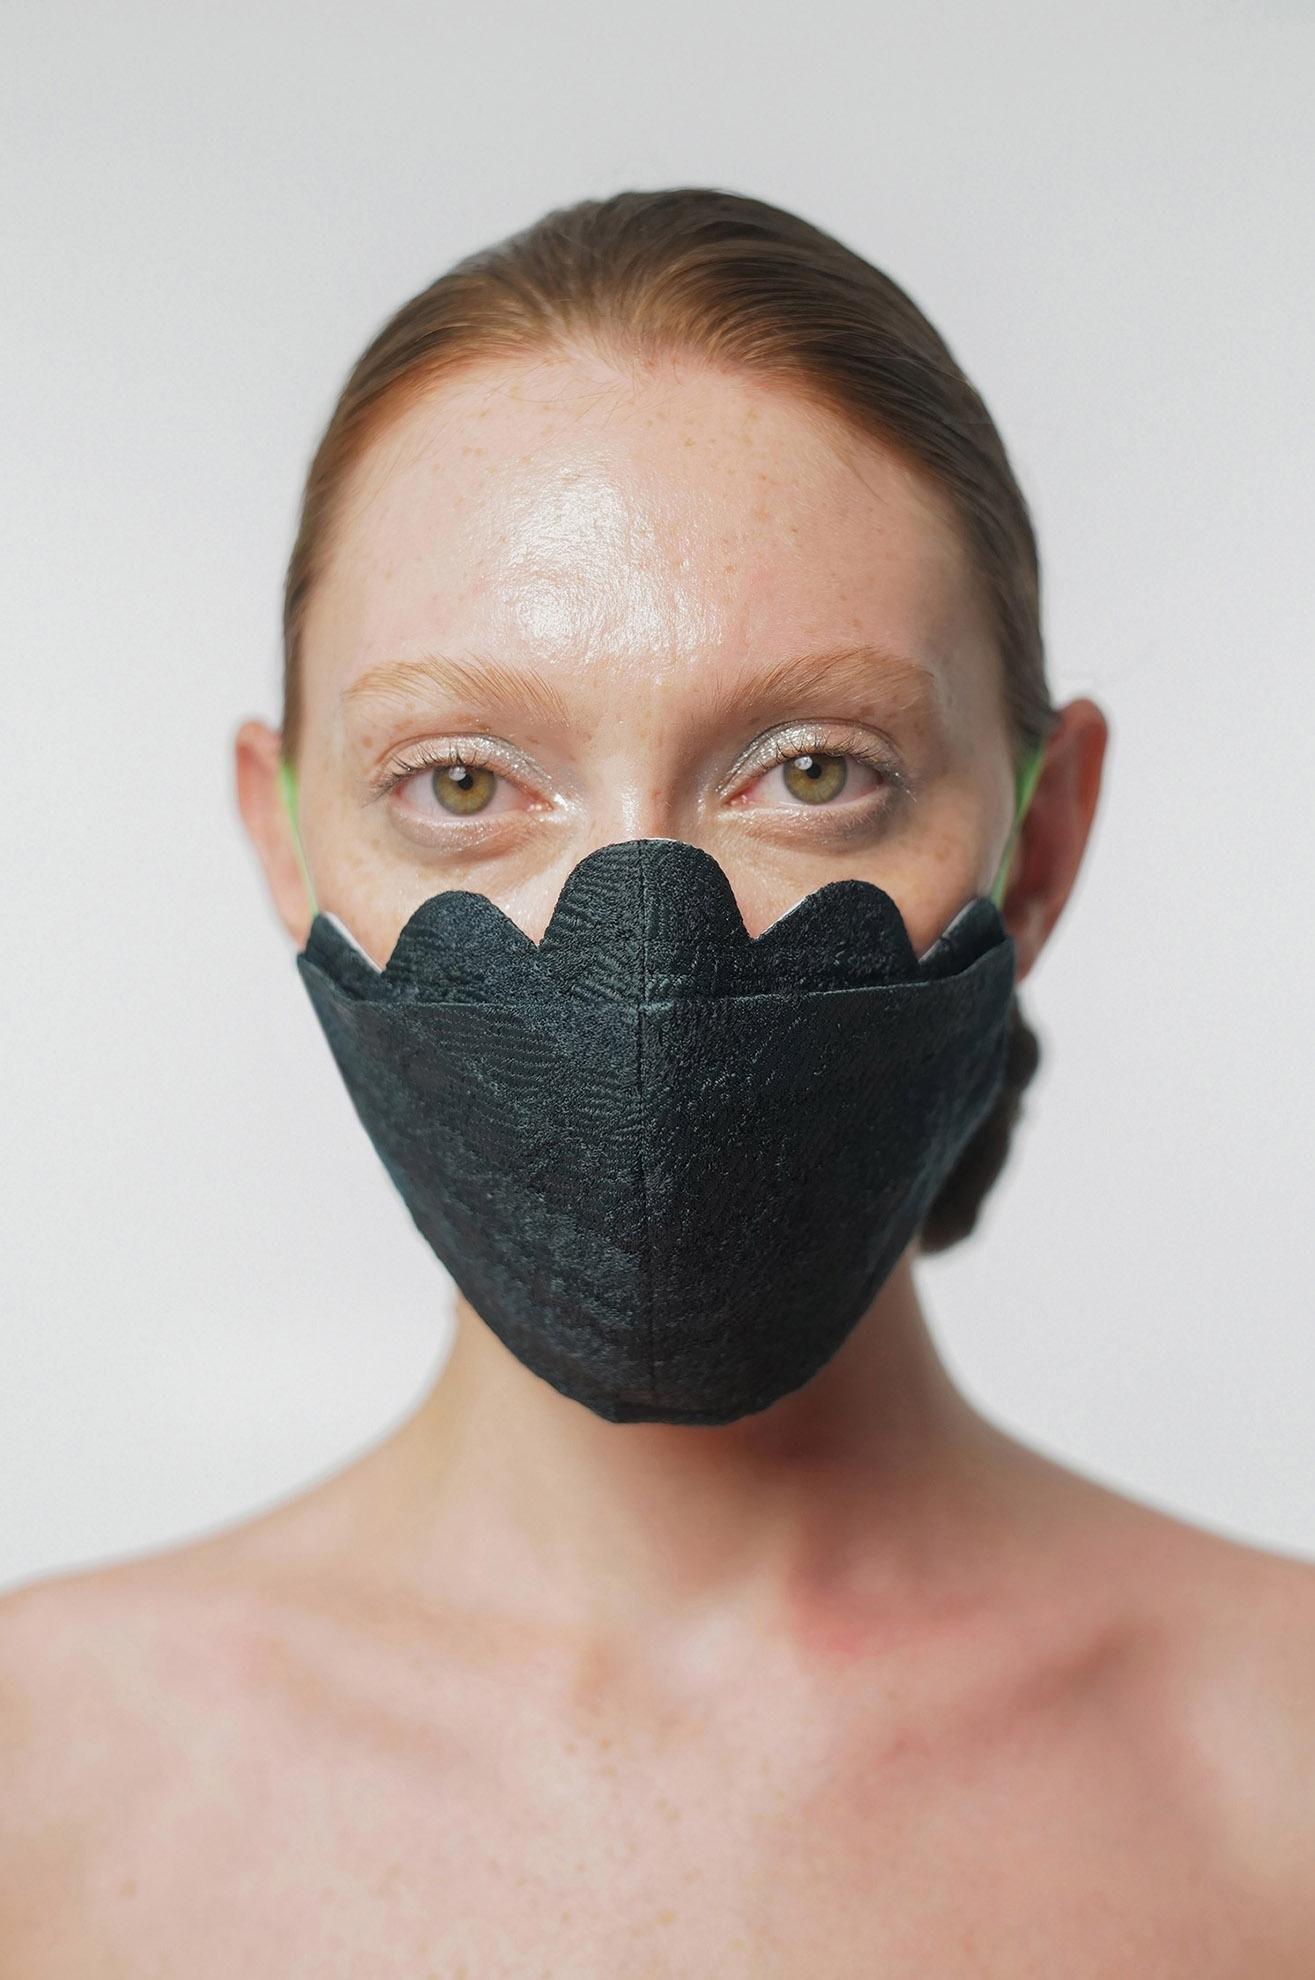 Picture of Careta mask